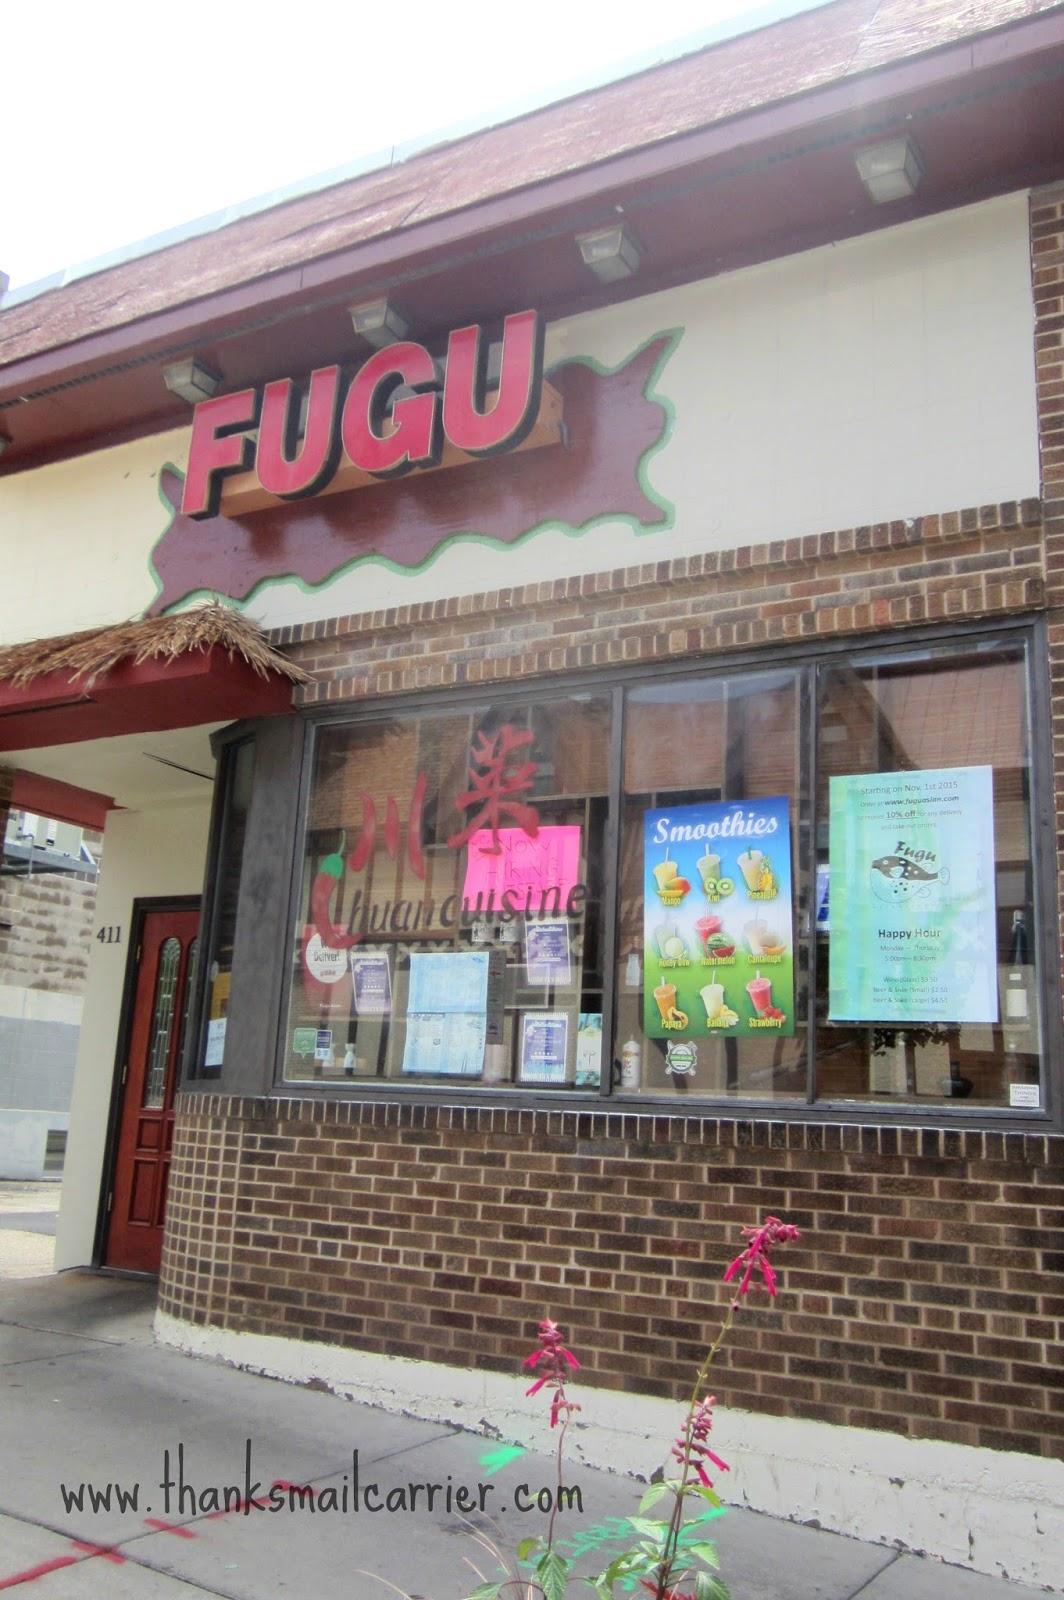 FuGu Madison